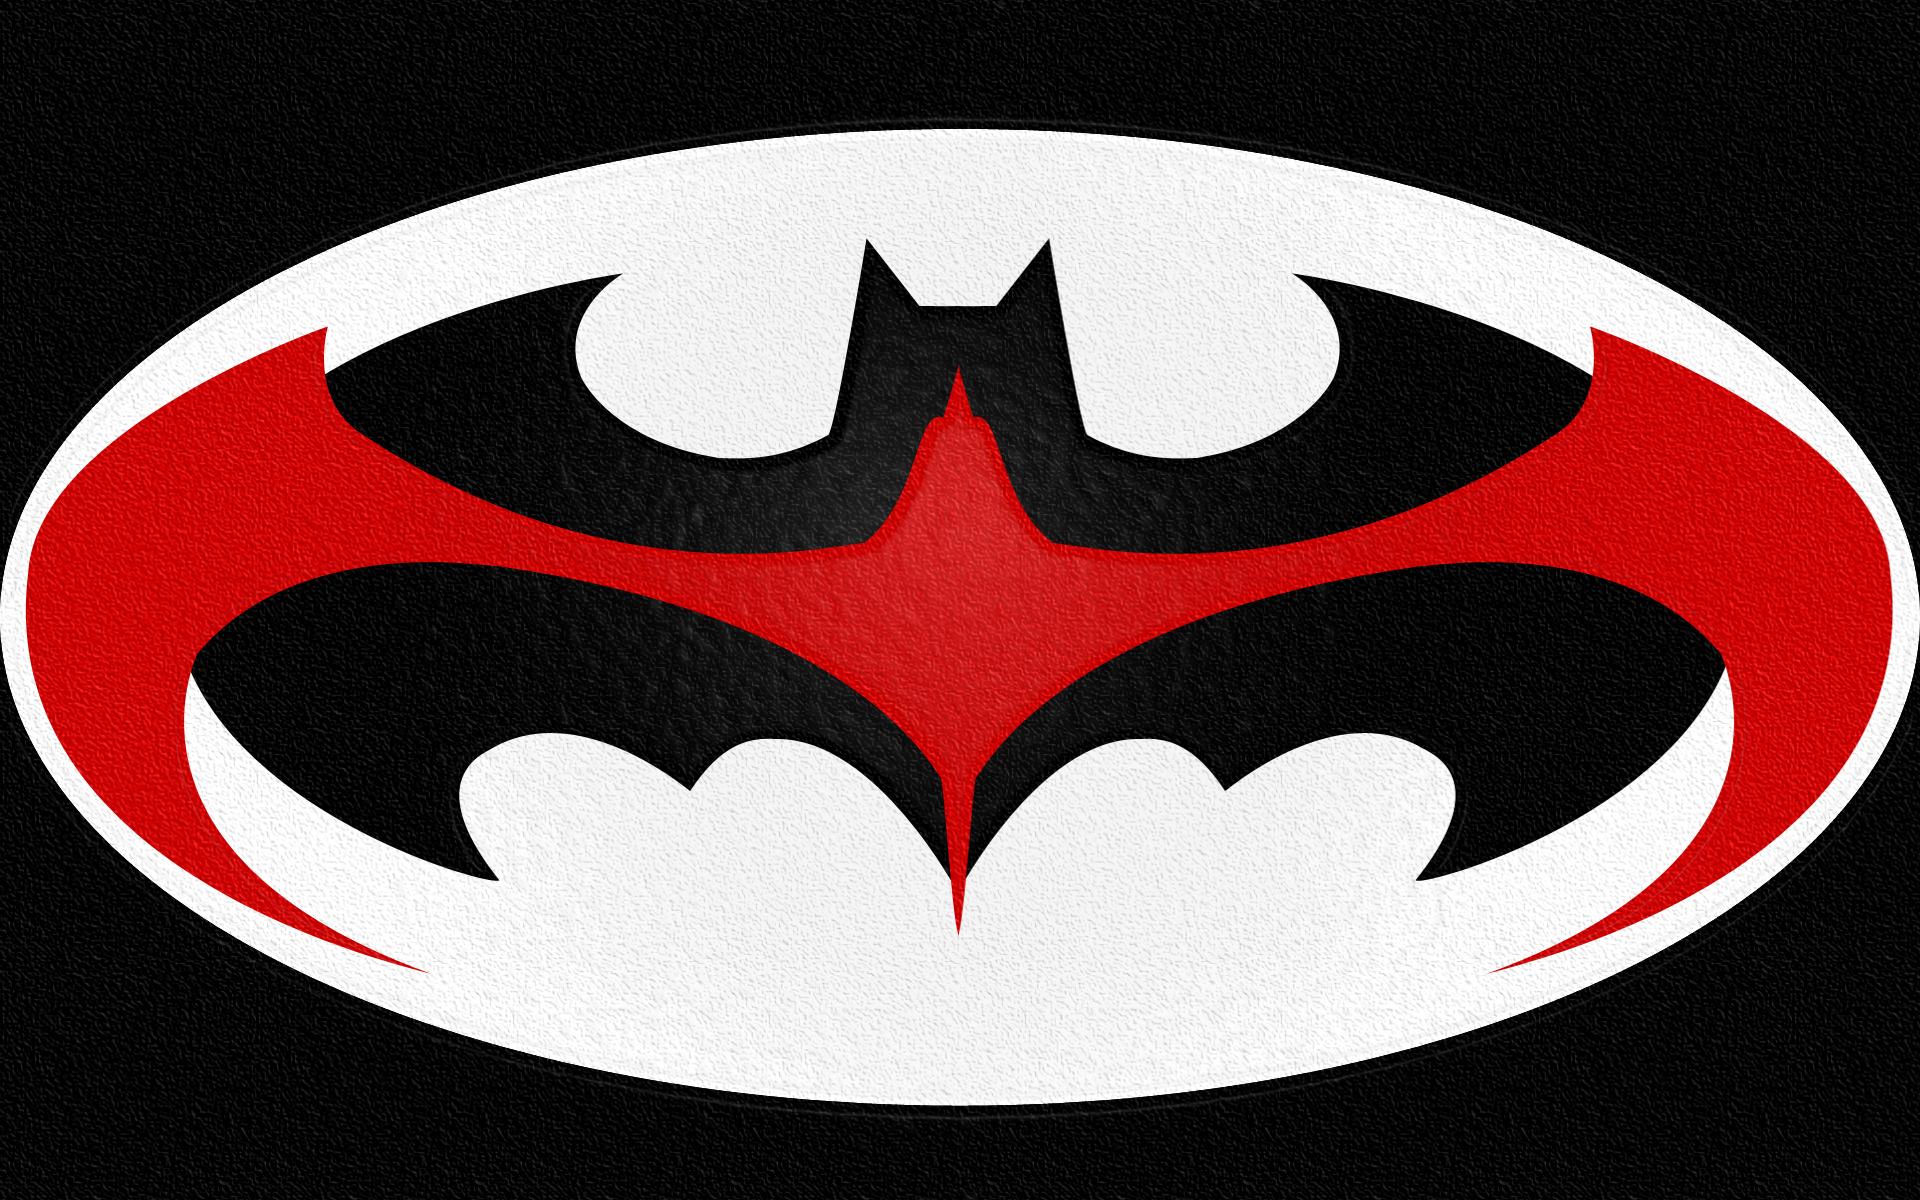 Joker clipart symbol batman Printable Clipart Batman Art Batman